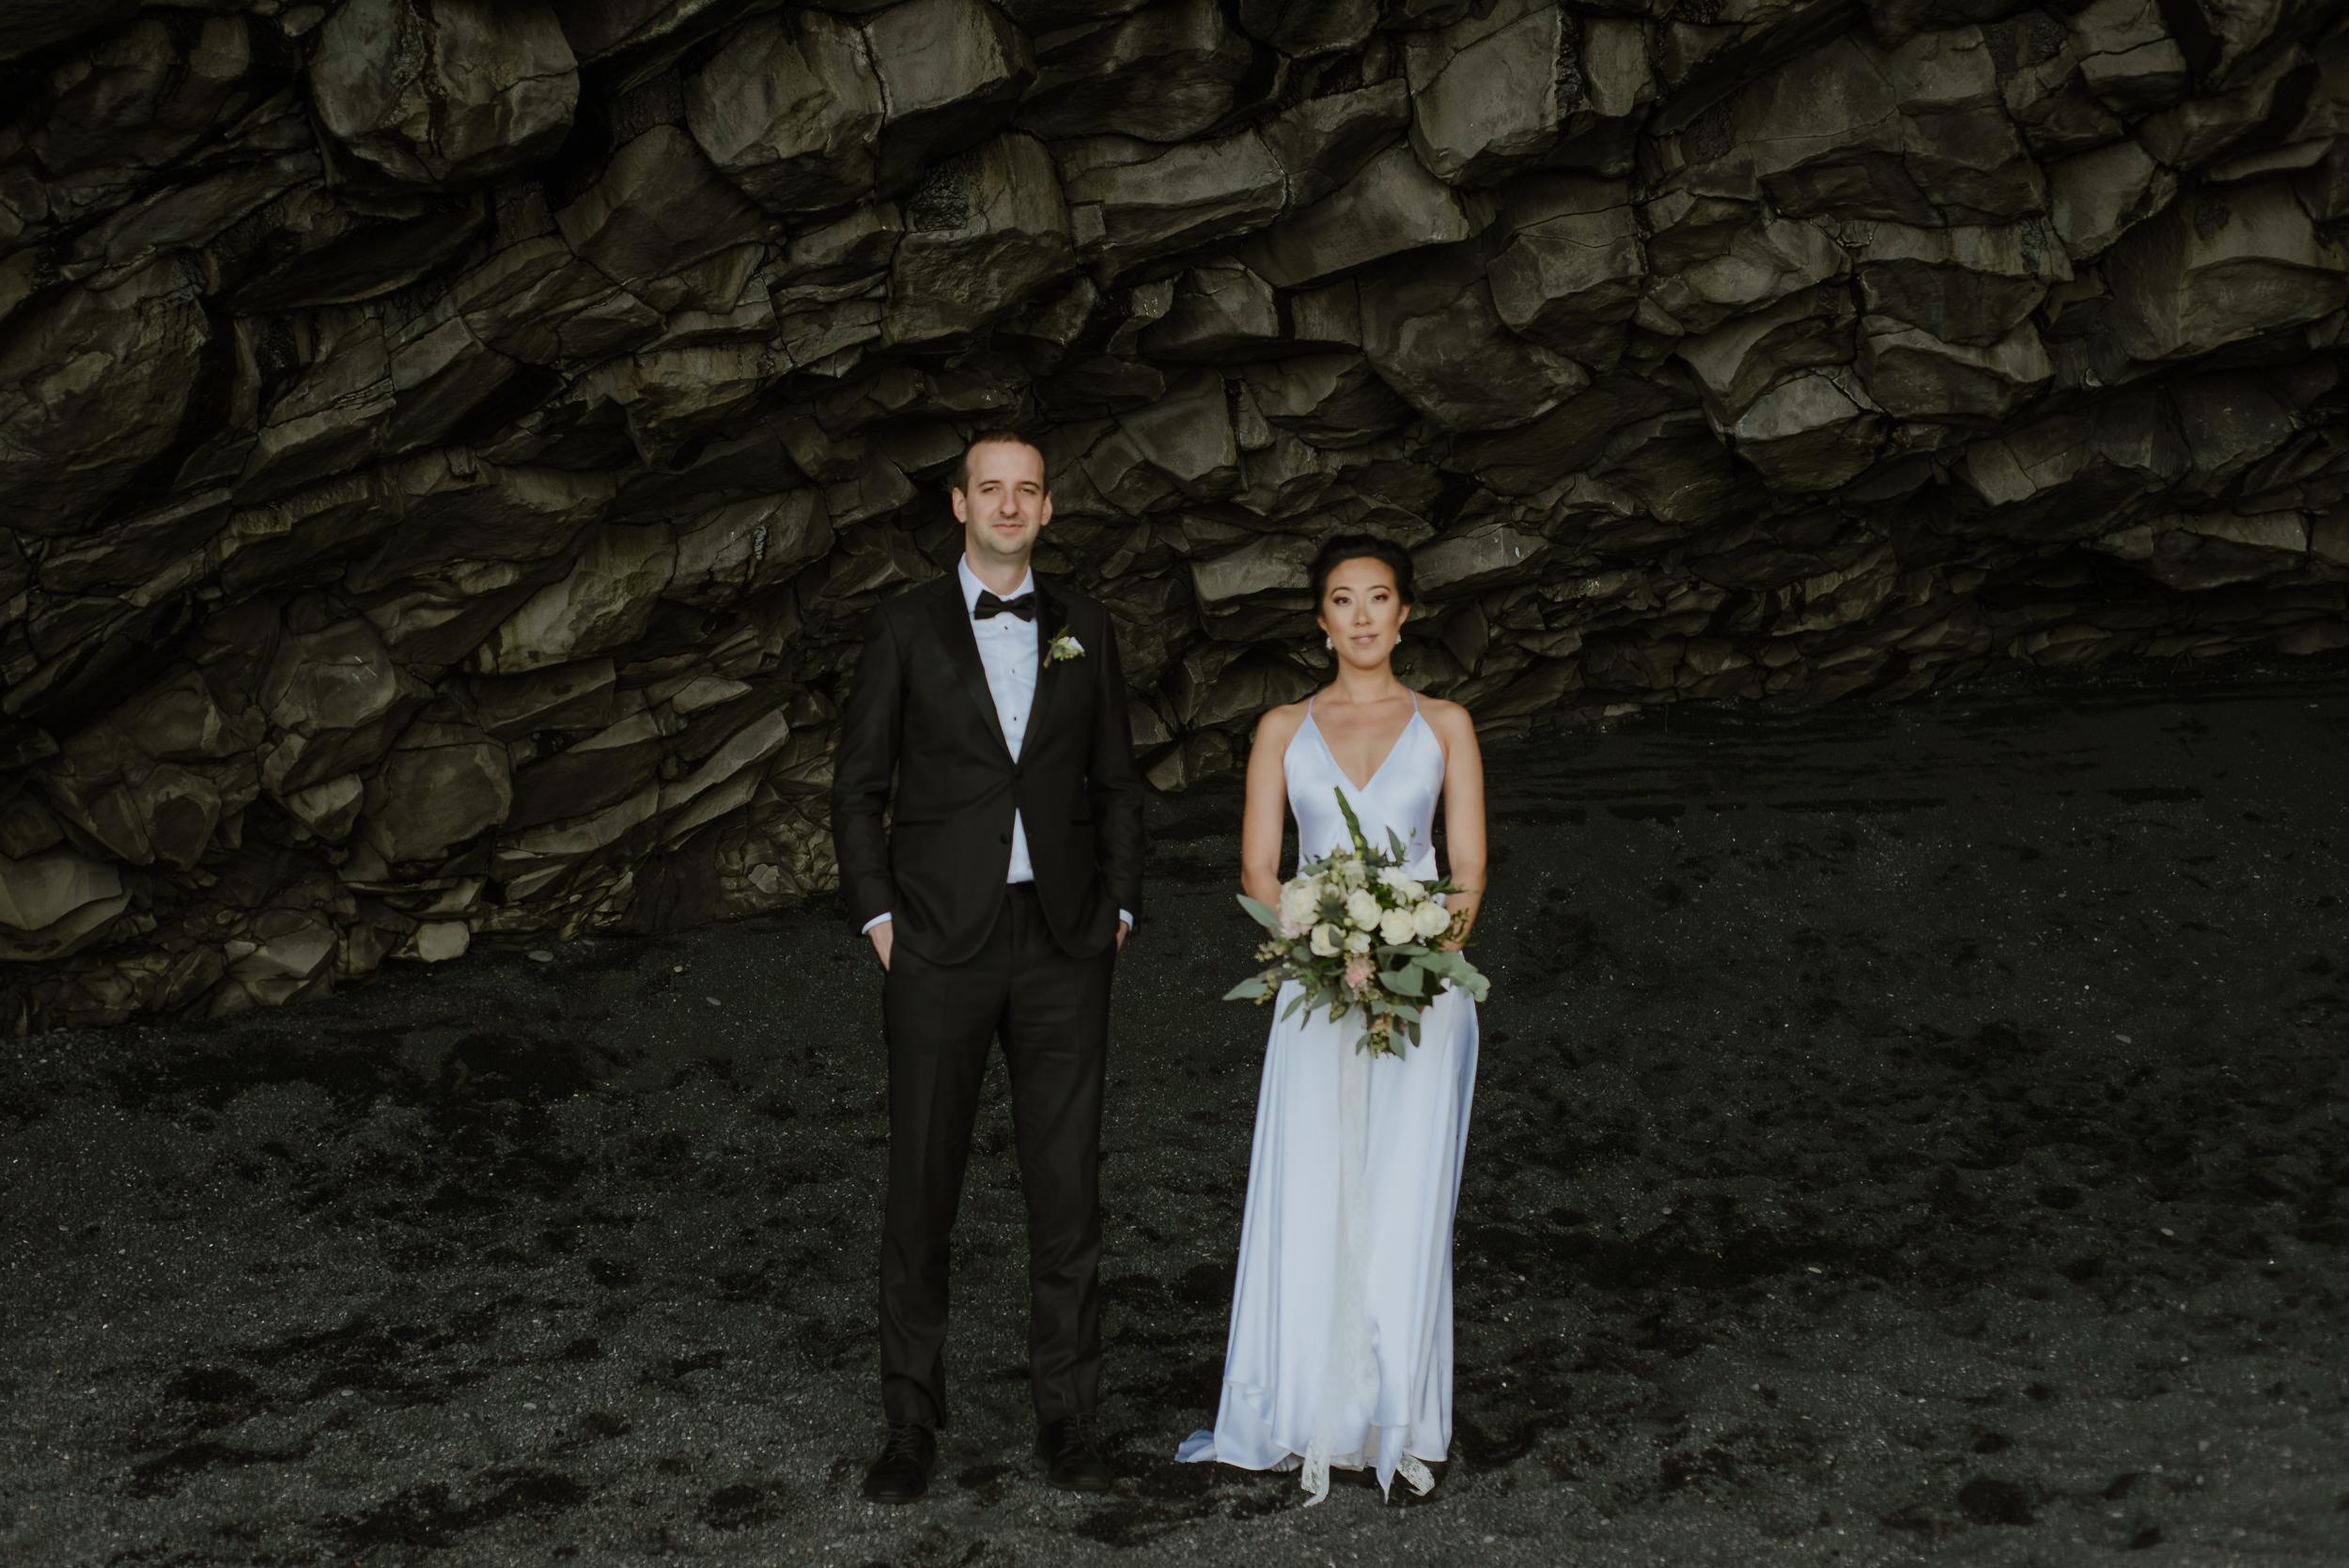 destination-wedding-iceland-engagement-session-vivianchen-224.jpg